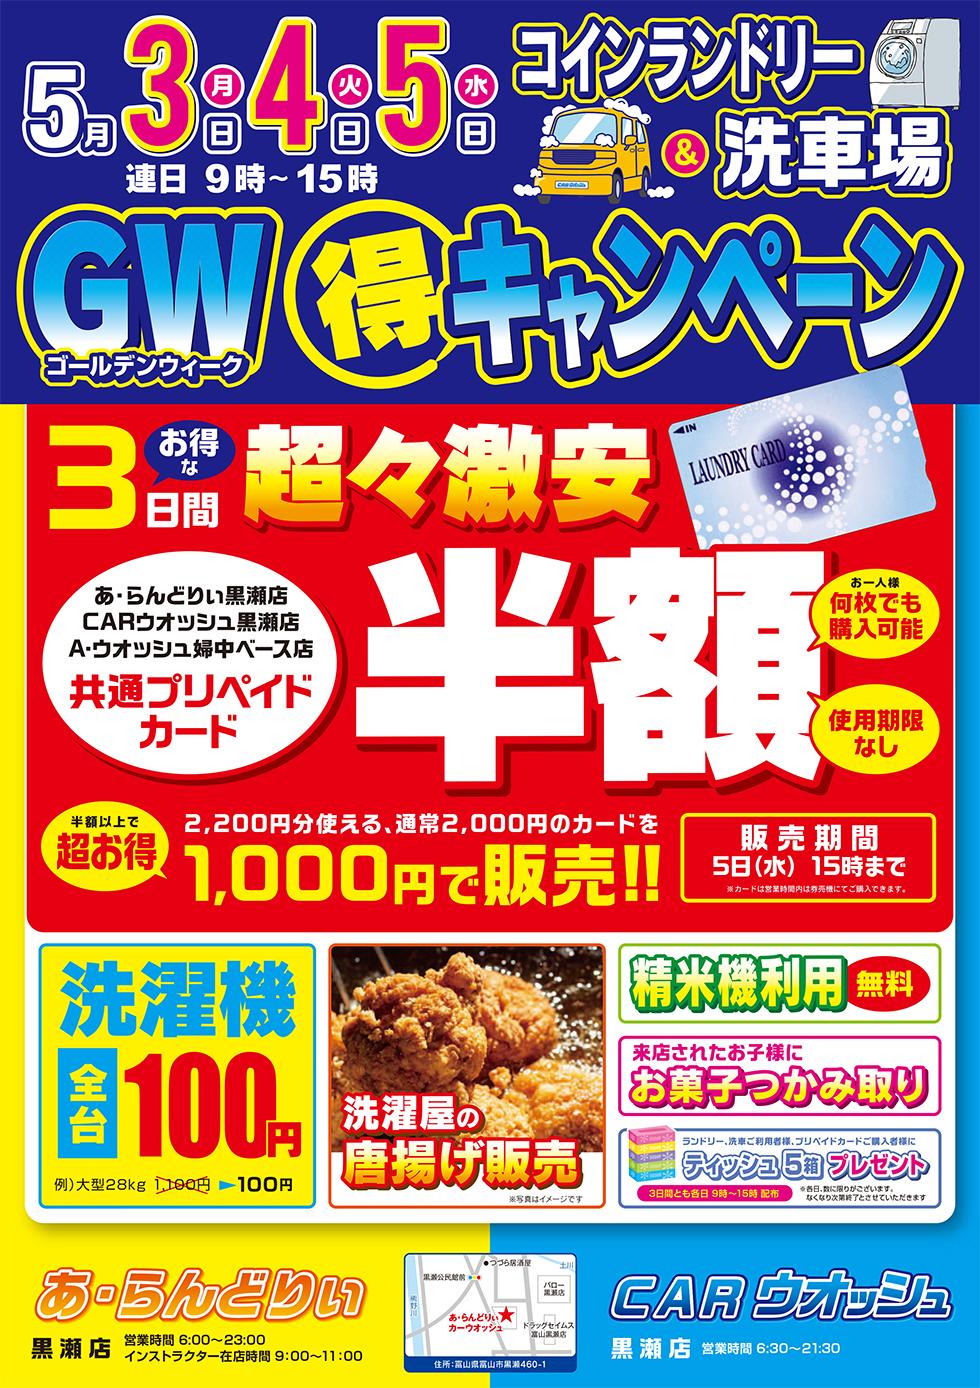 あらんどりぃ黒瀬店・CARウオッシュ 5月3日(月)・4日(火)・5日(水) GW得キャンペーン開催!